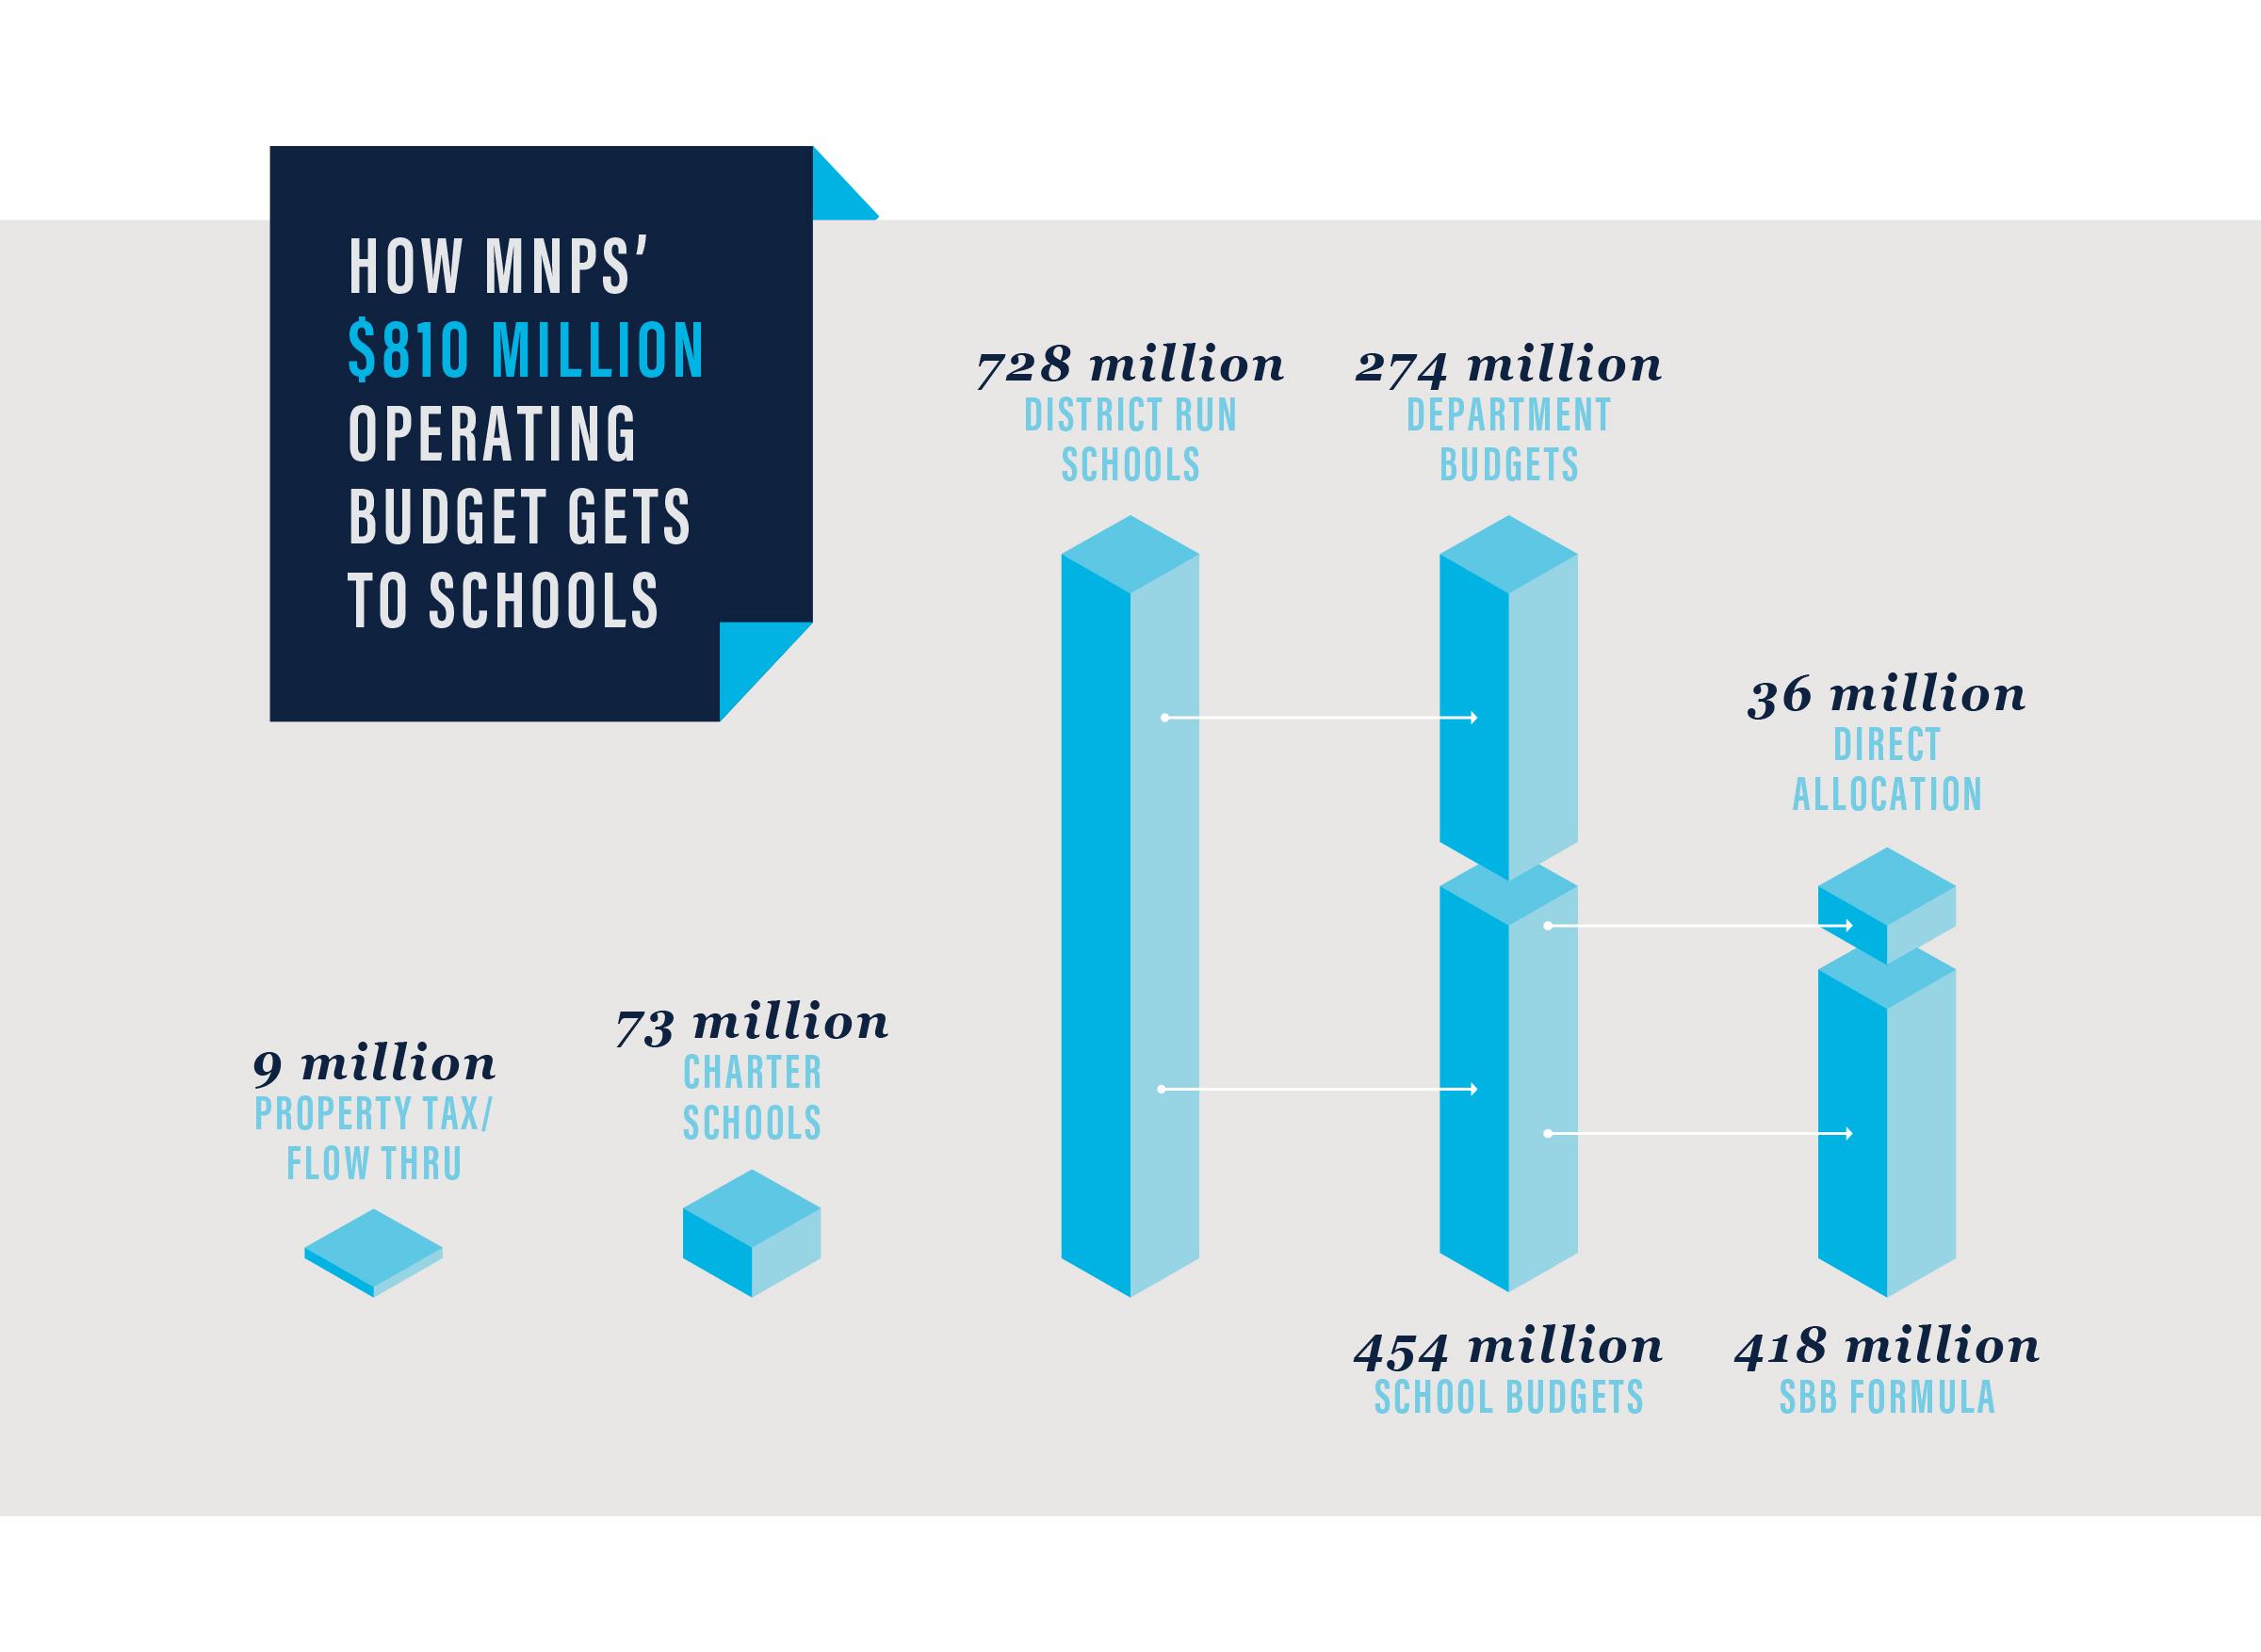 SBB_Infographic